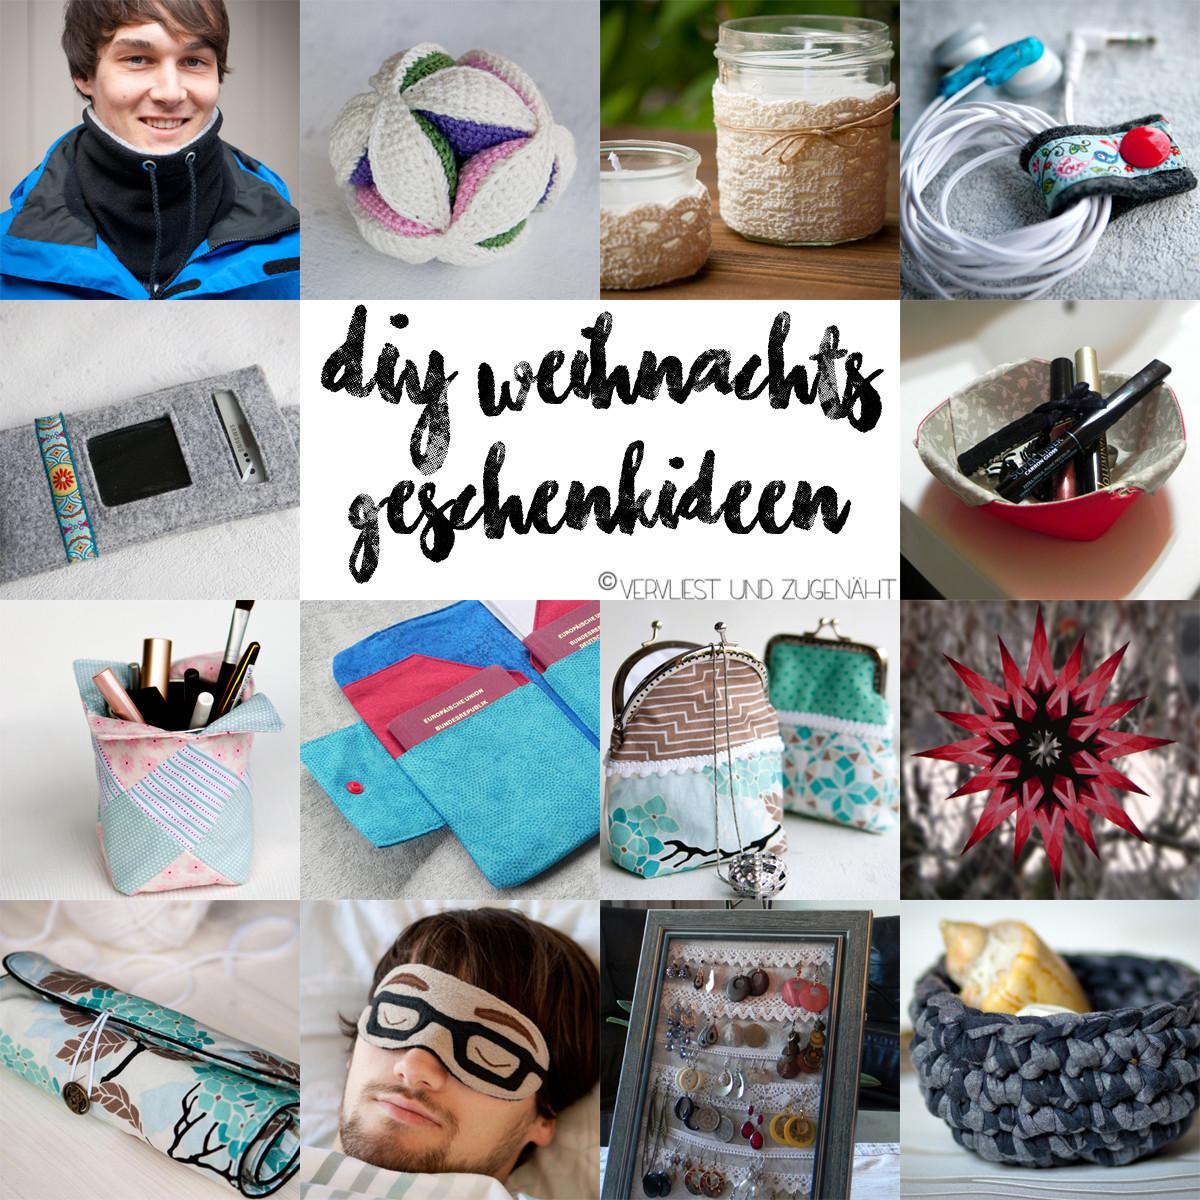 Weihnachts Diy  Vervliest und zugenäht DIY Geschenkideen für Weihnachten